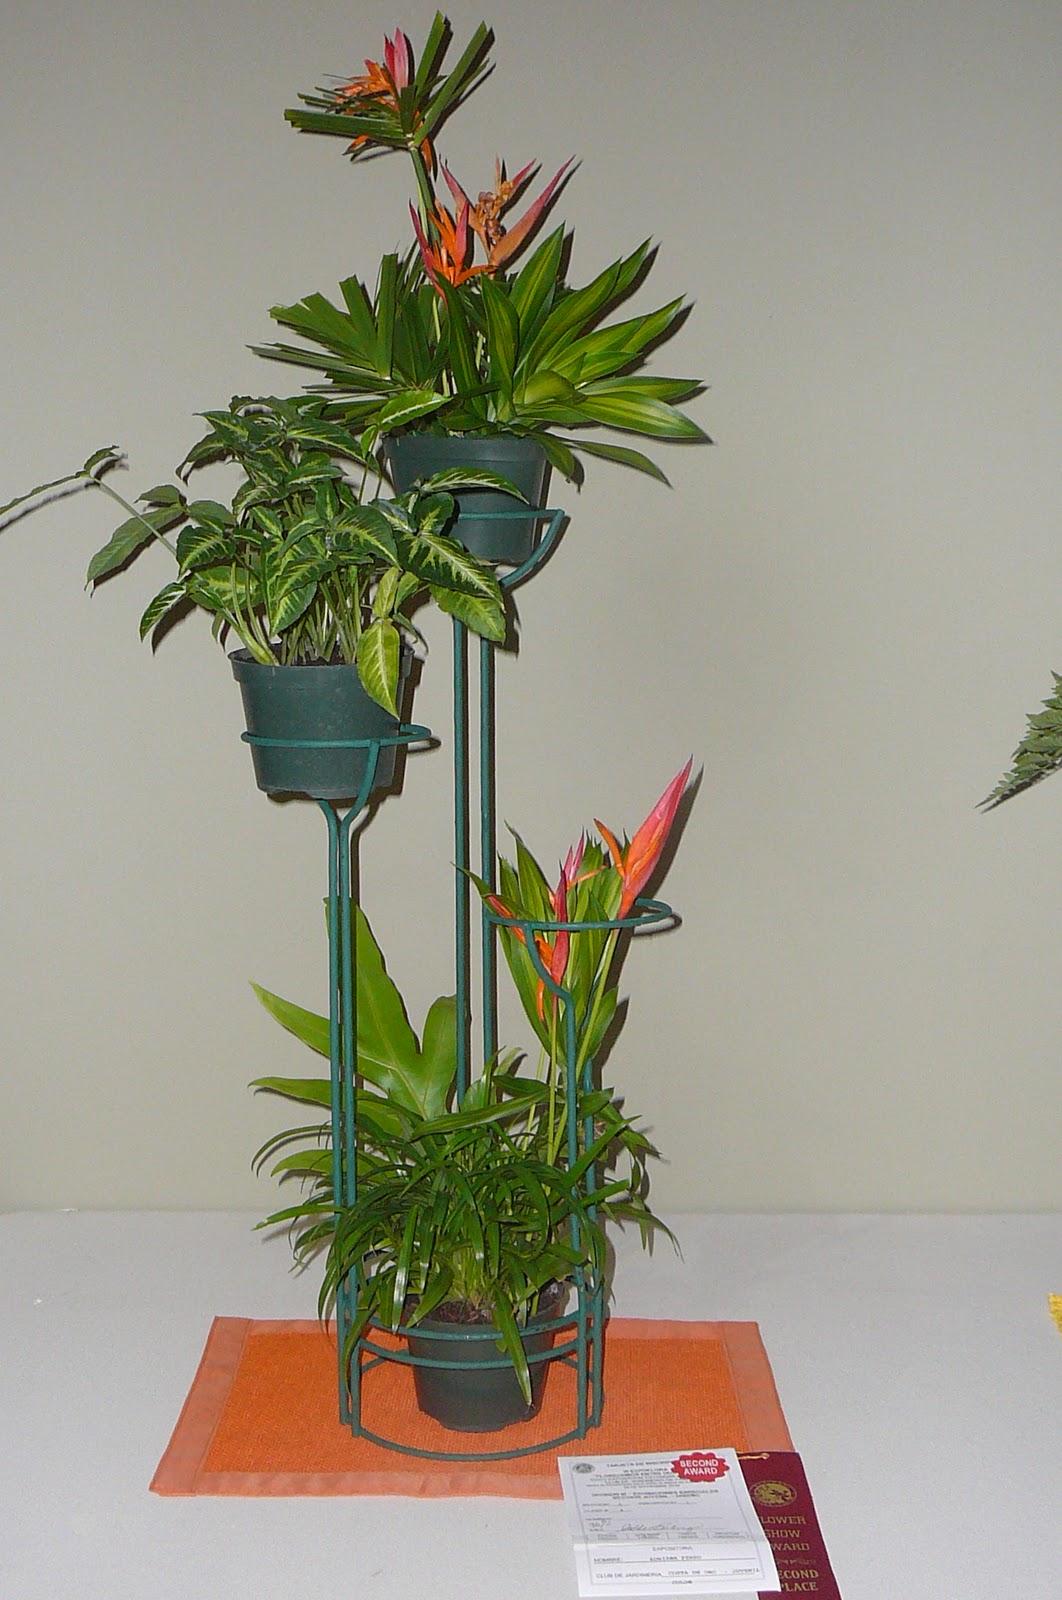 Arreglos florales creativos seccion juvenil pot - Arreglos florales creativos ...